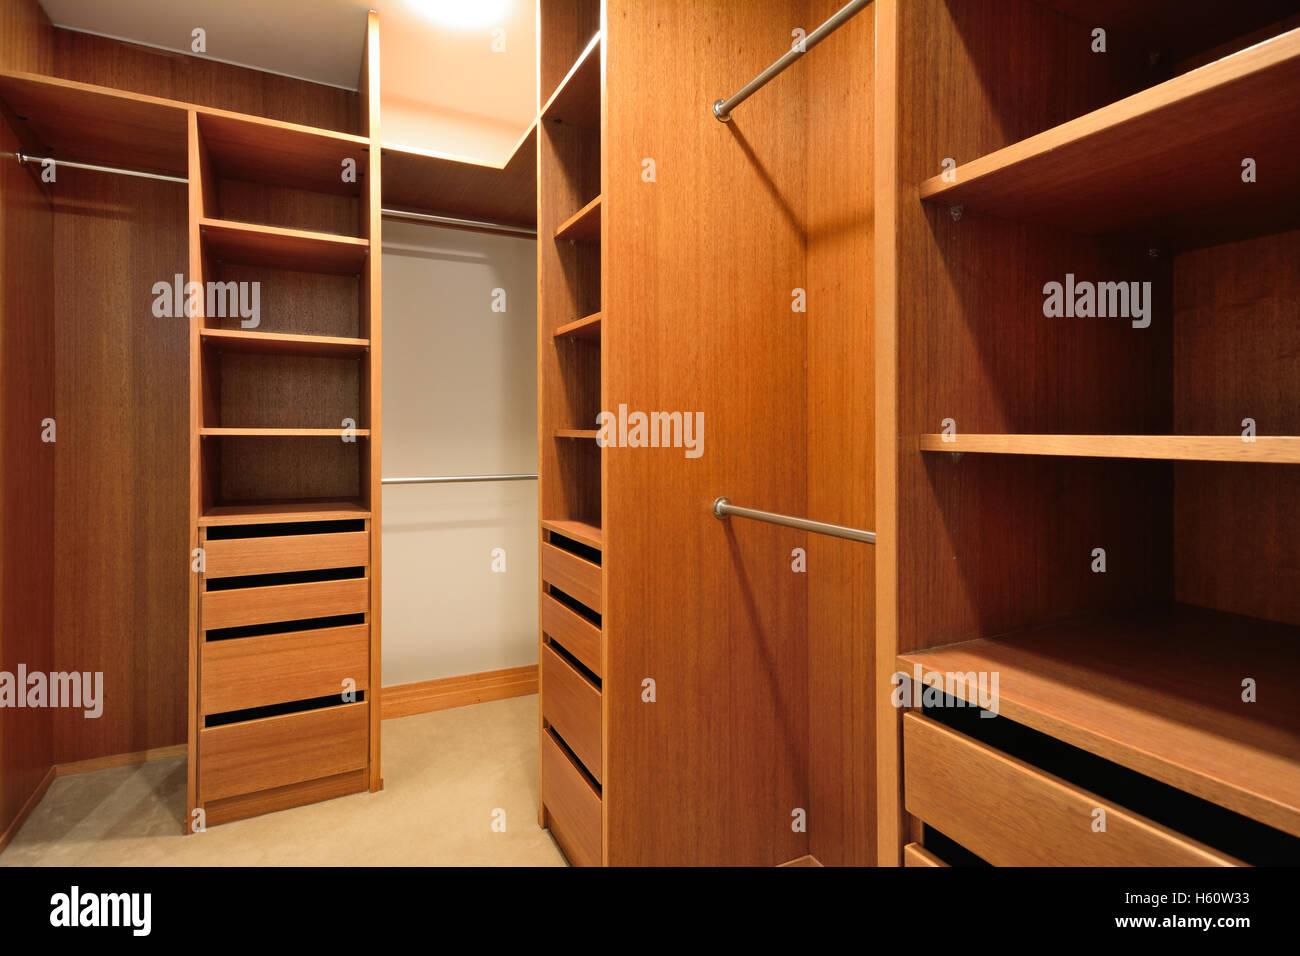 Ein Begehbarer Kleiderschrank Stockfotografie Alamy